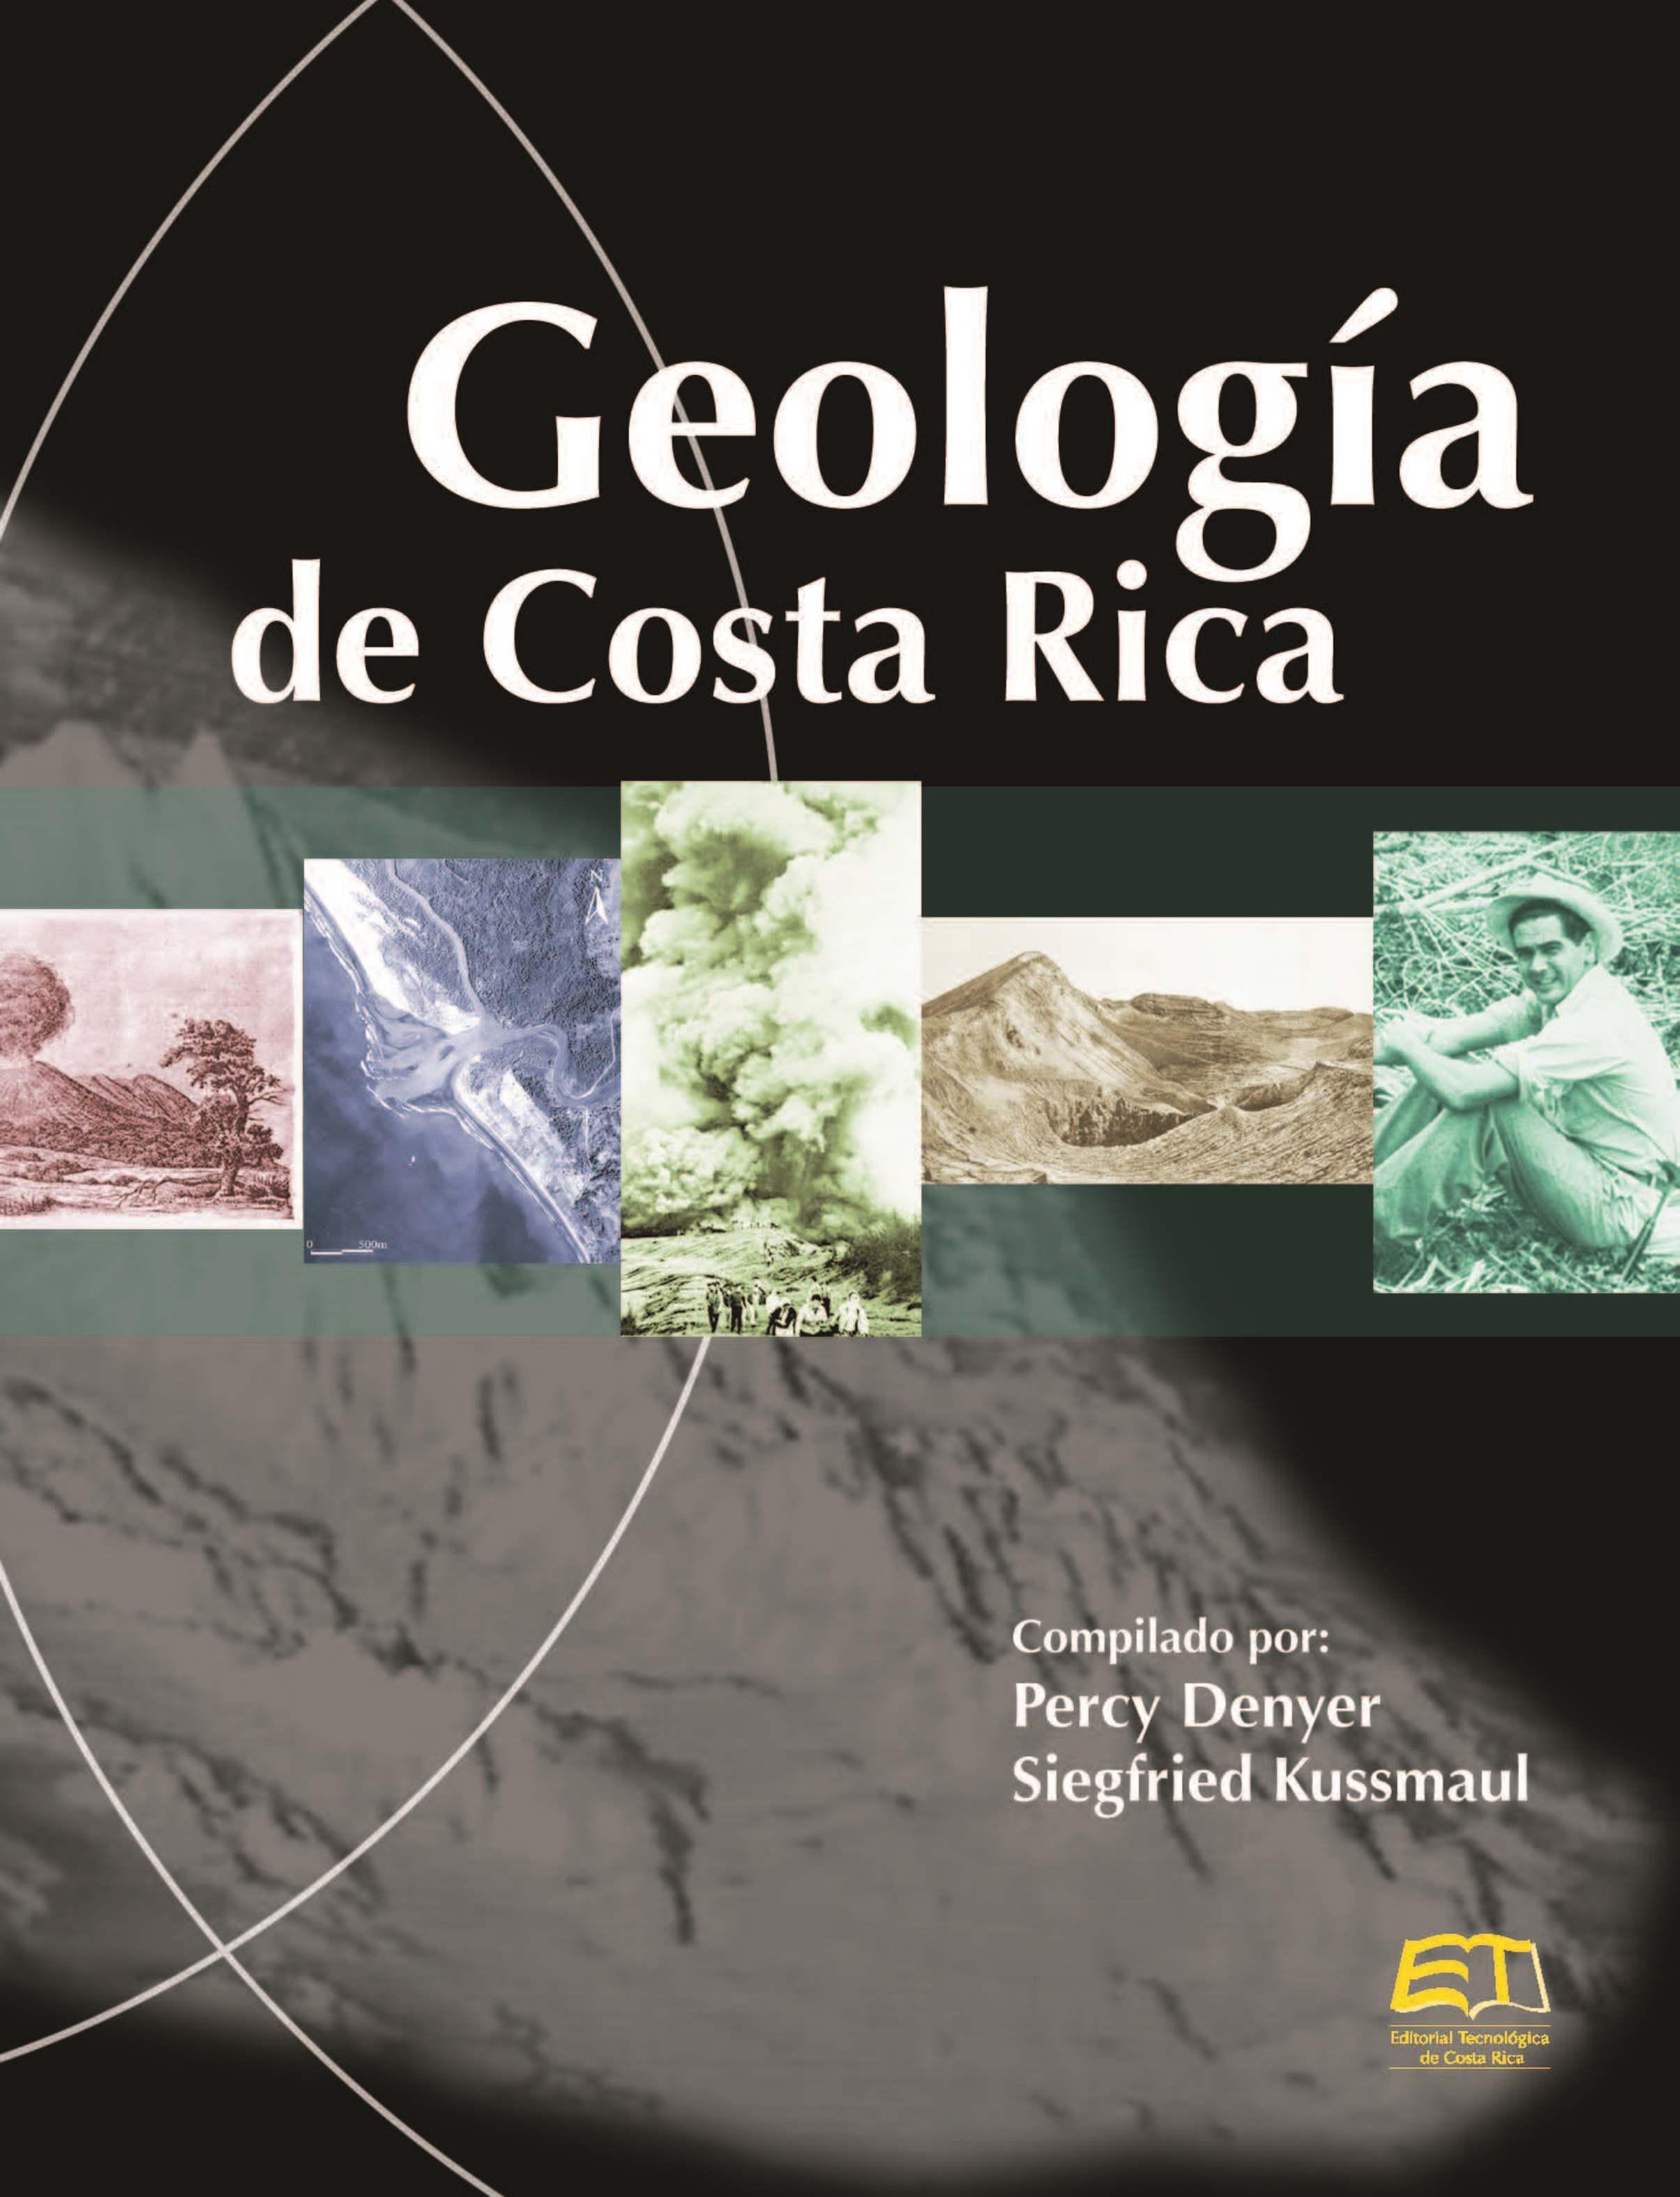 Percy Denyer Geología de Costa Rica джинсы rica lewis 32 int 48 ru